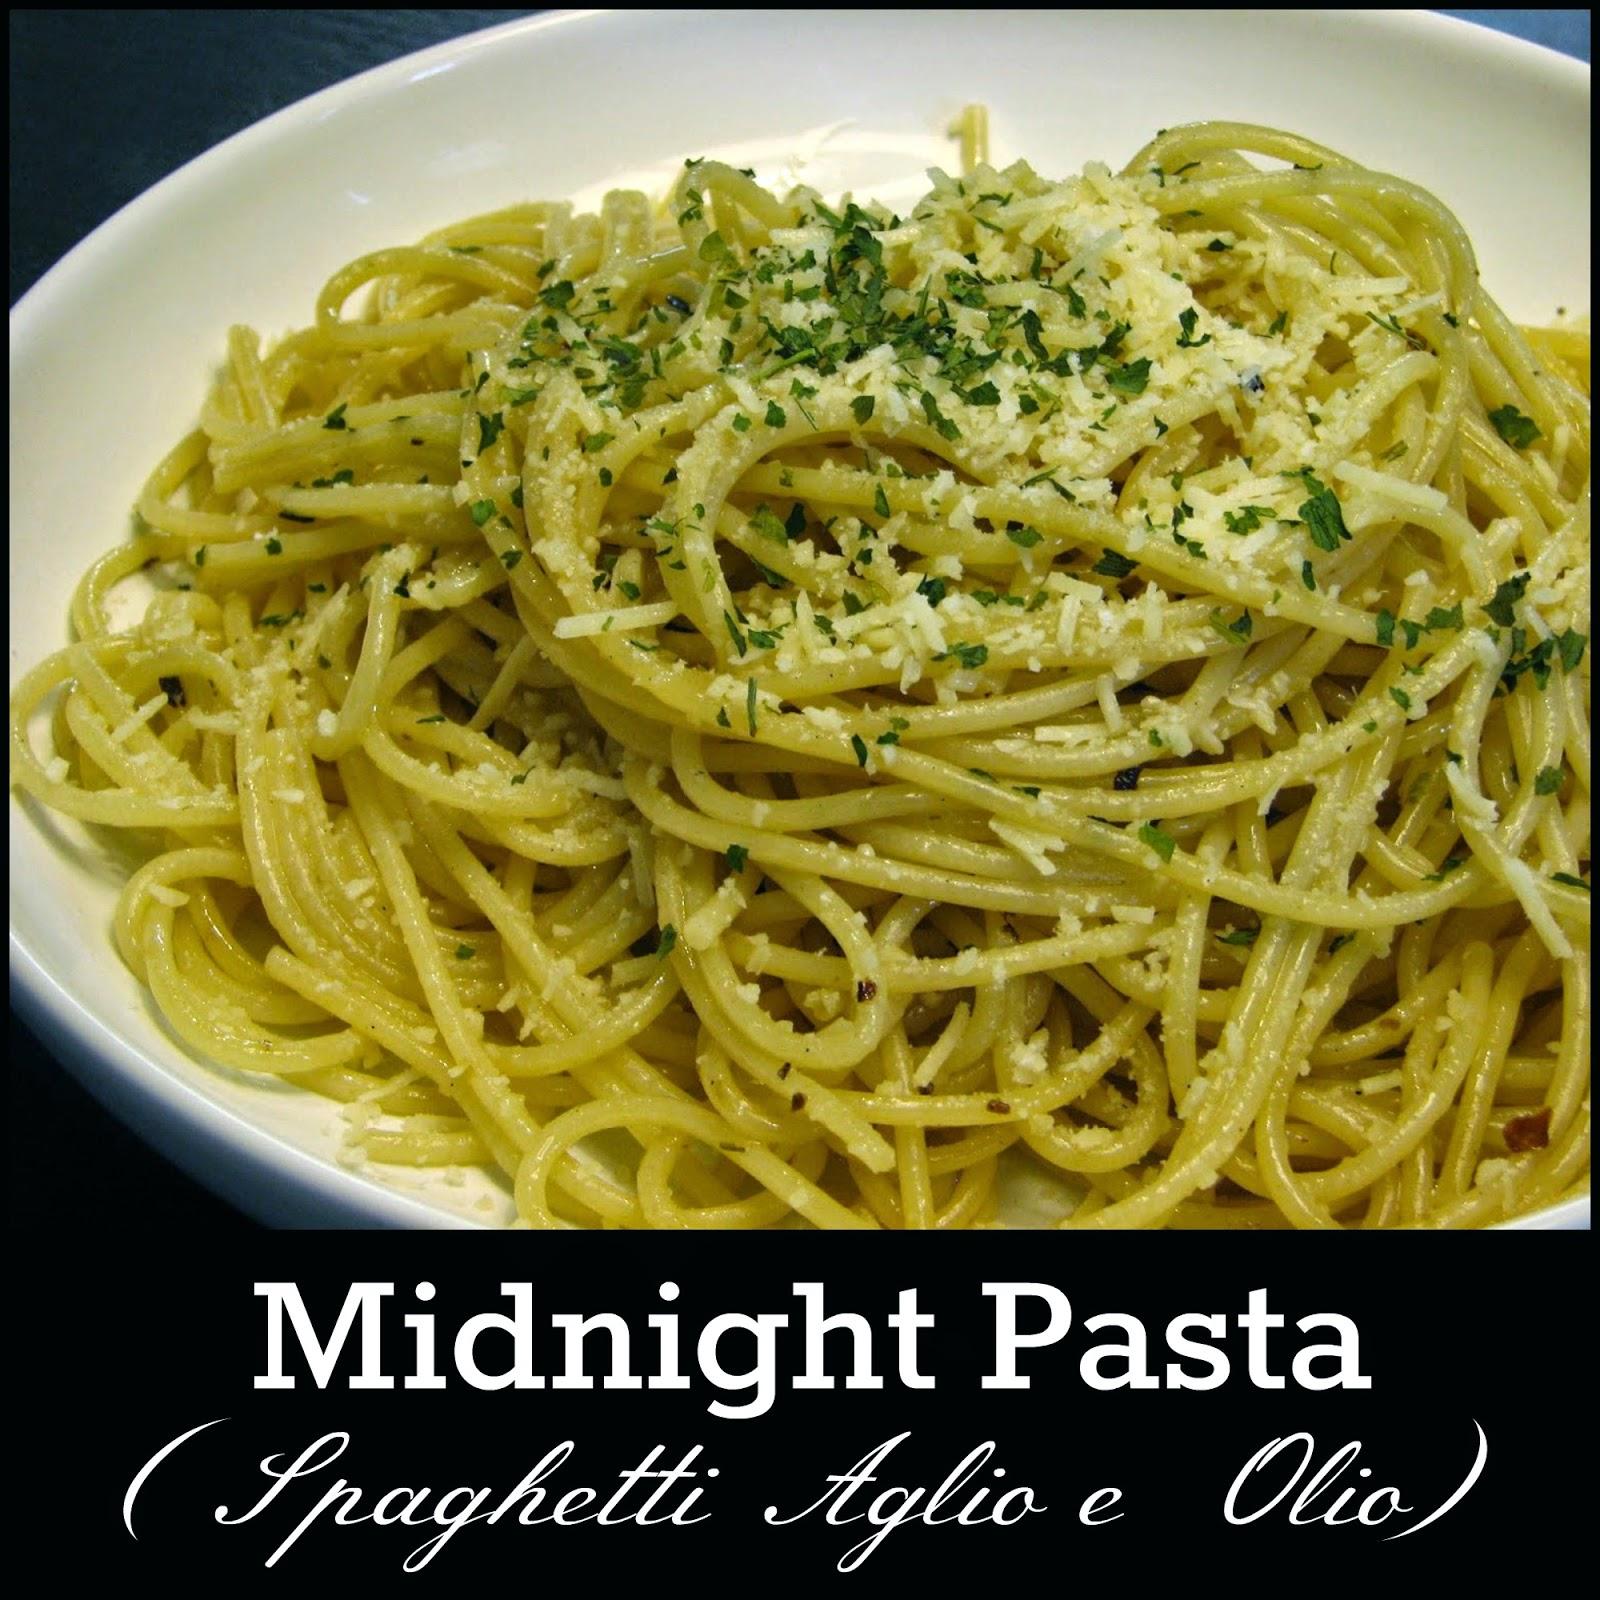 midnight pasta spaghetti aglio e olio